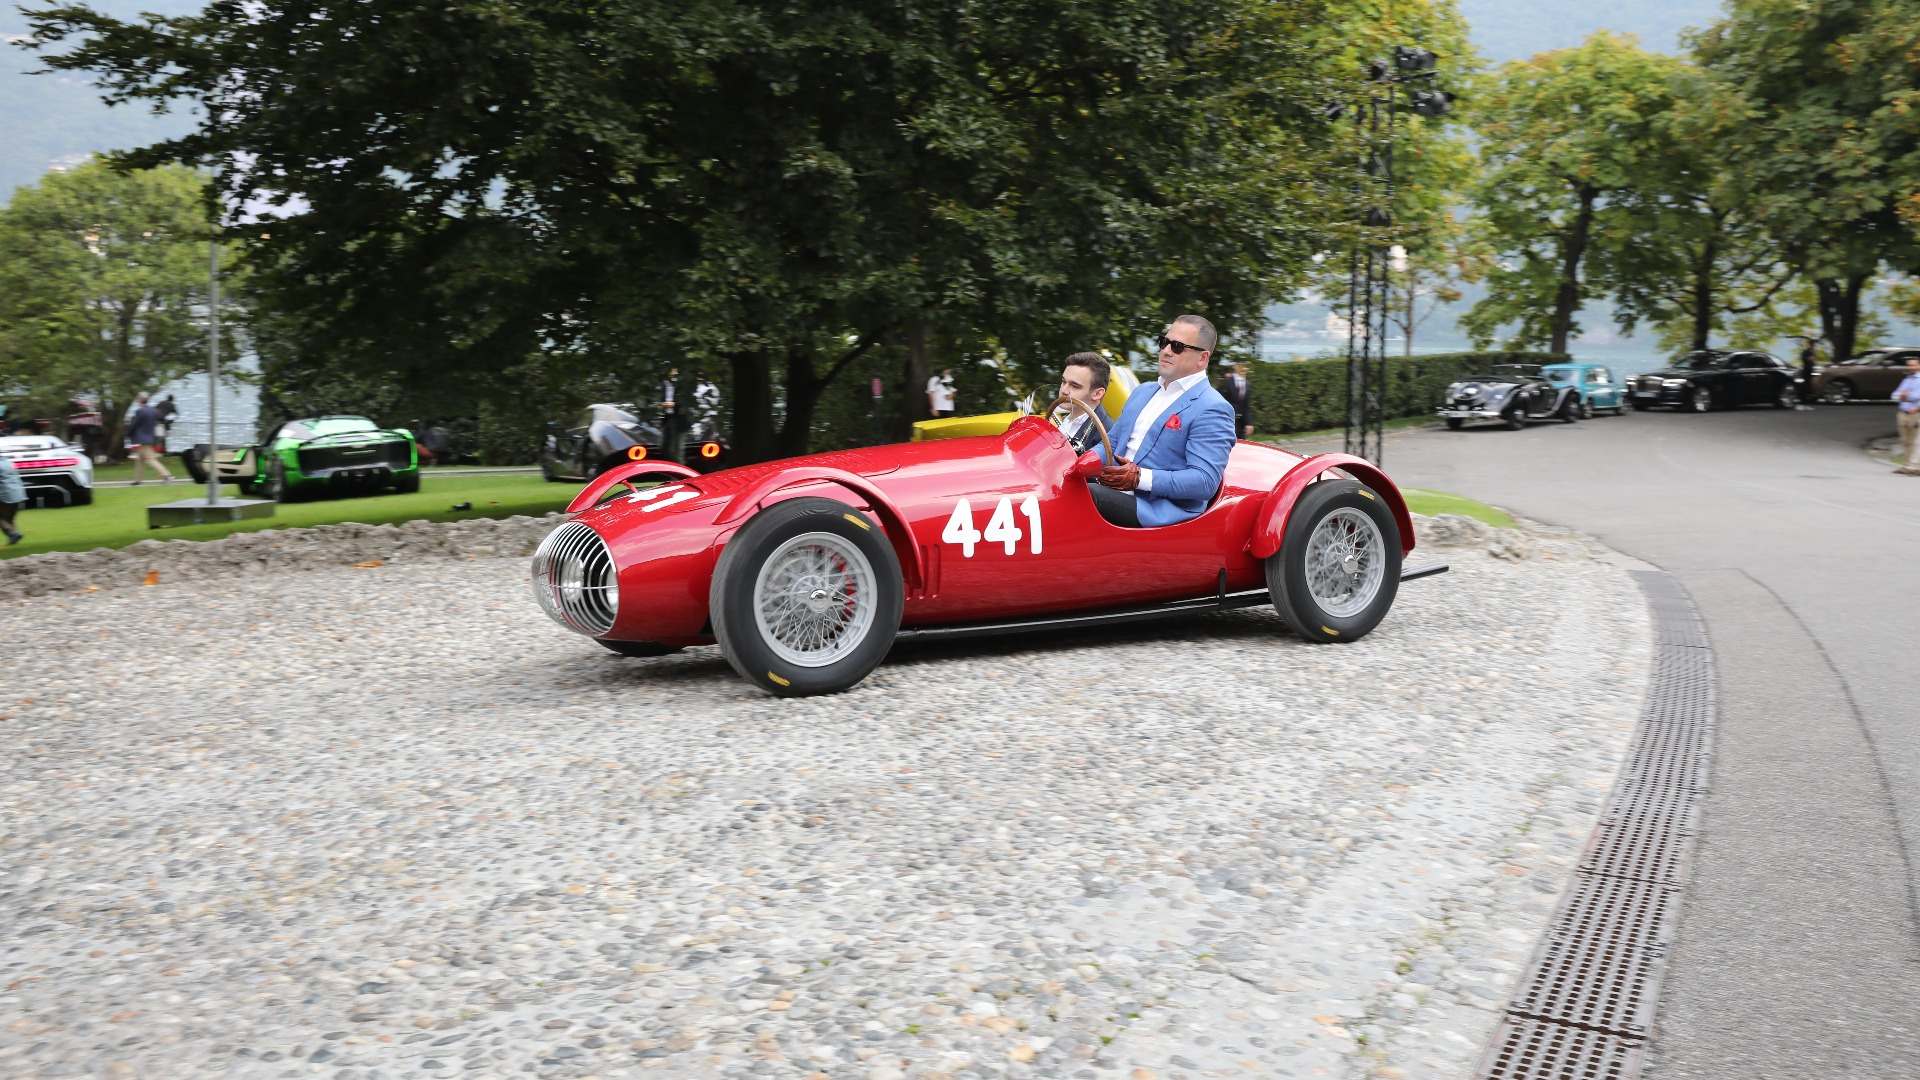 Stor mann i liten bil. Eieren Elad Shraga bak rattet på sin 1949 OSCA MT4 Siluro.